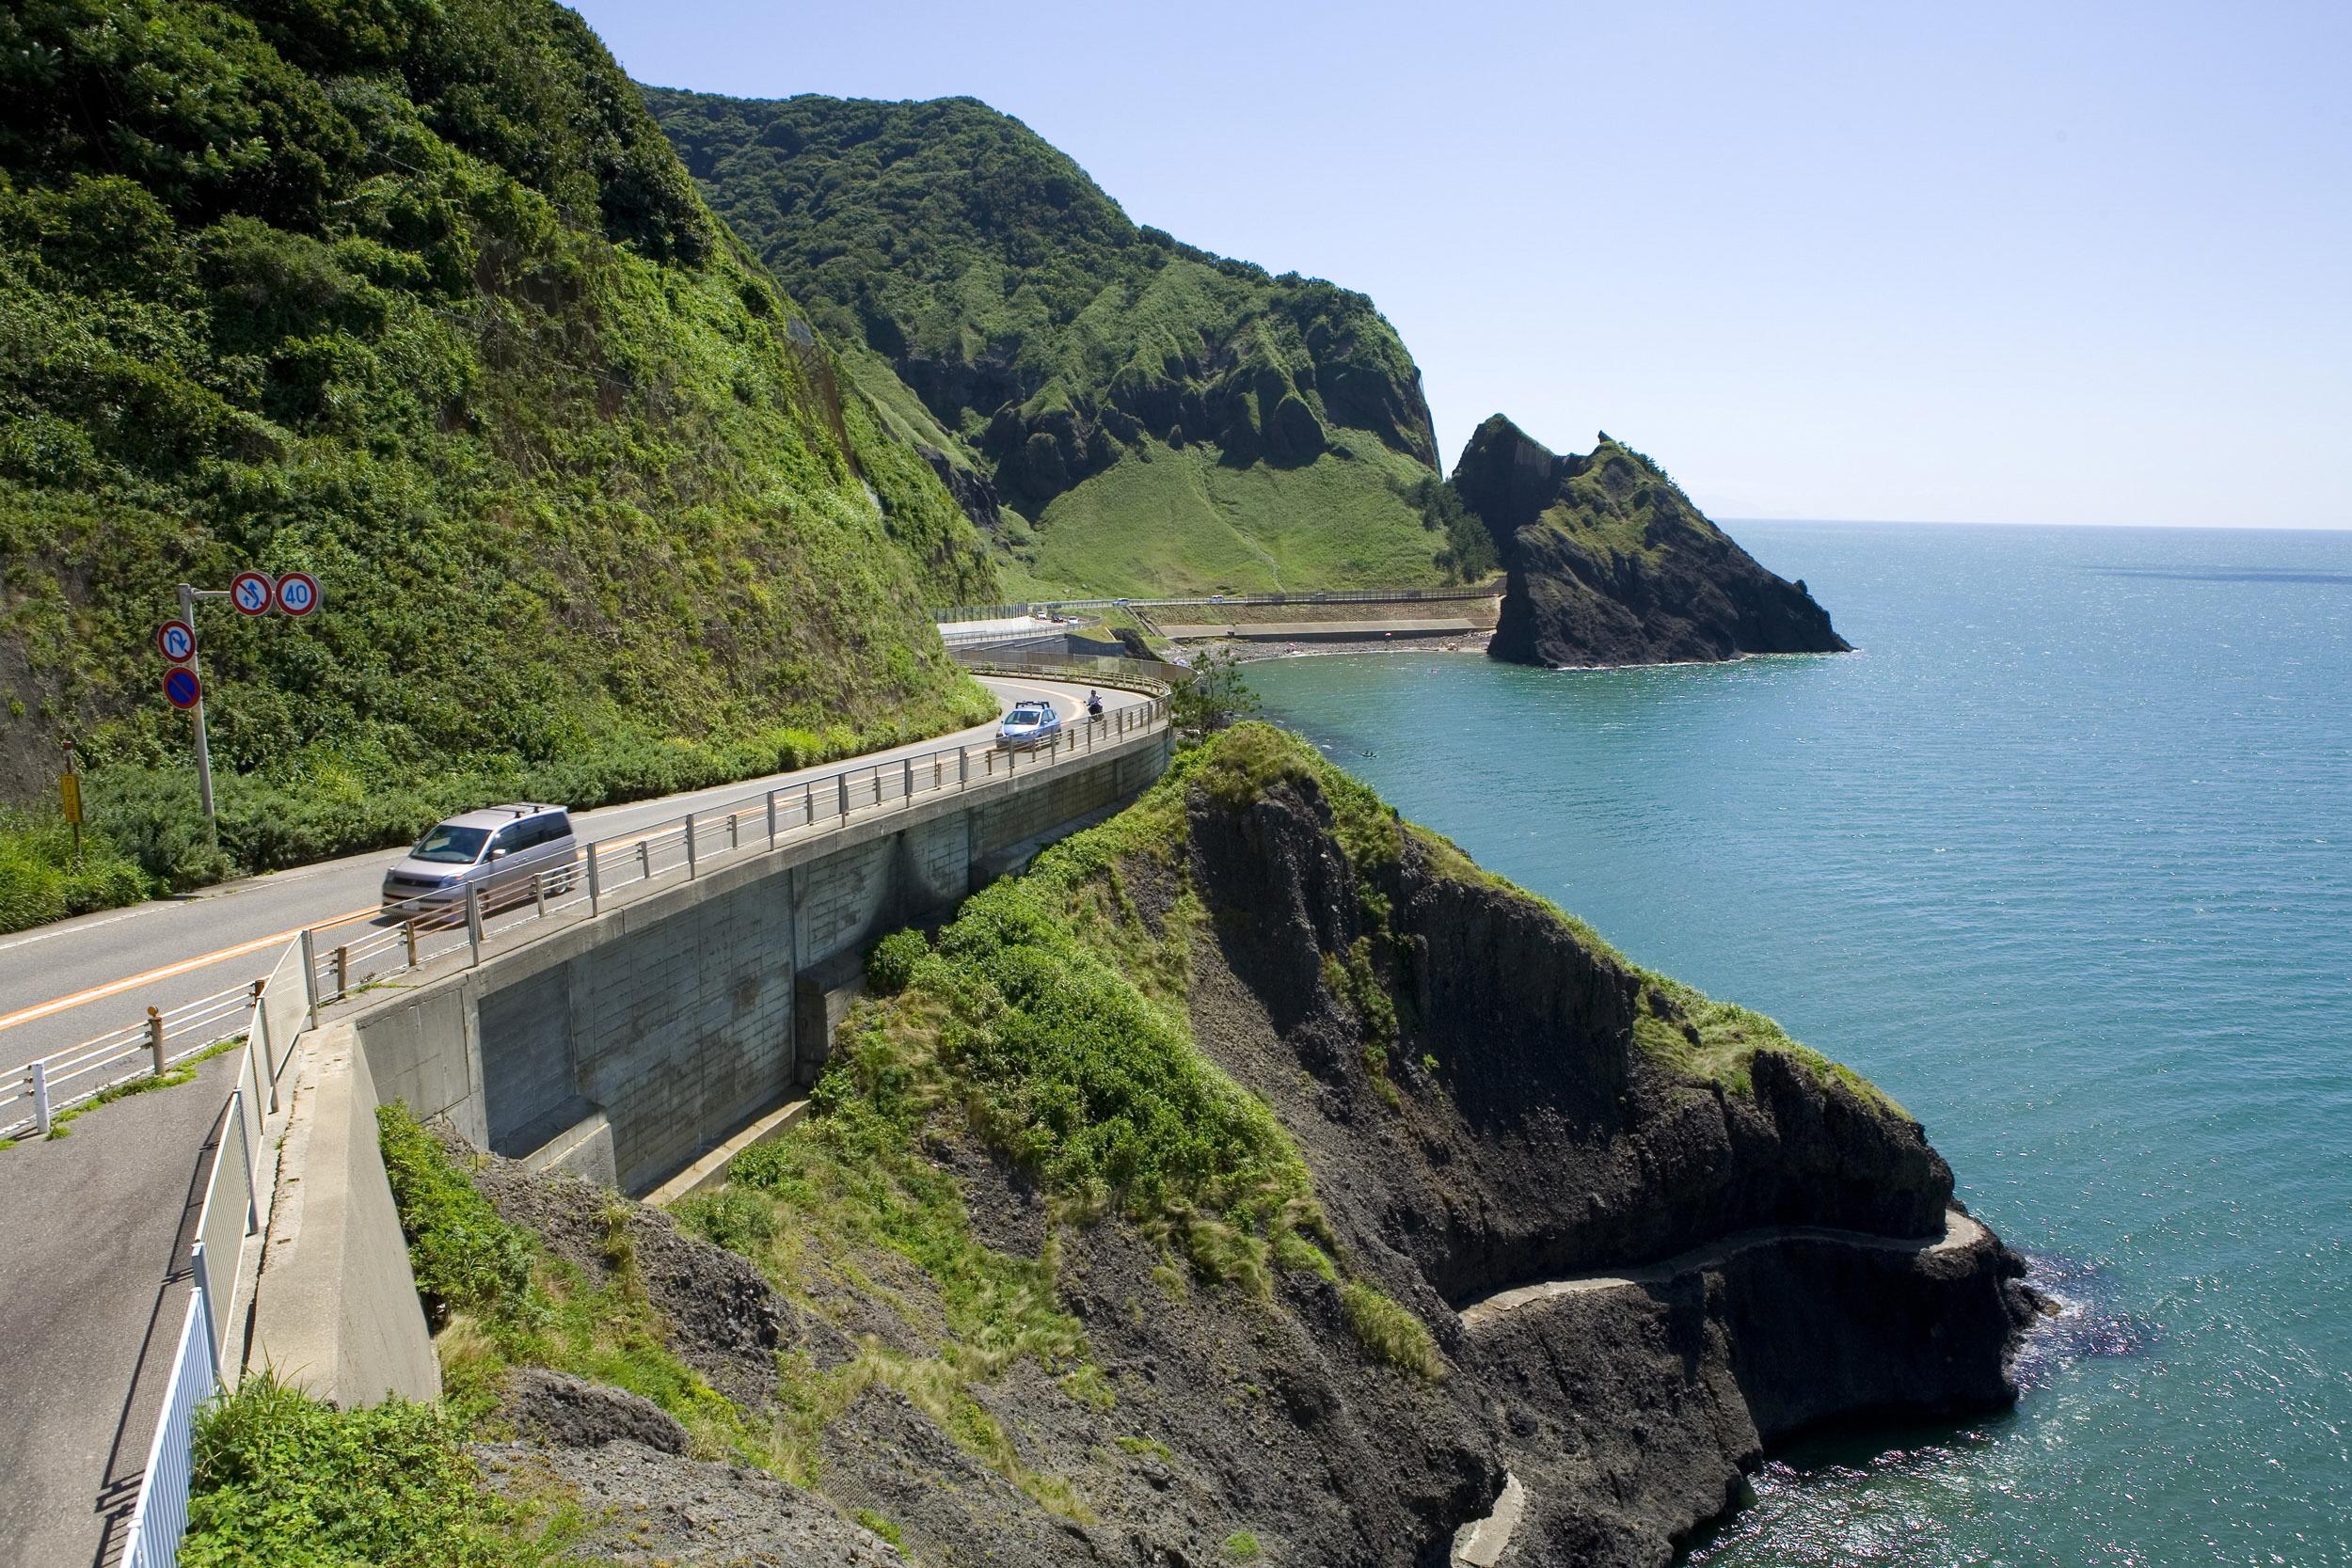 日本海の絶景を堪能できる「越後七浦シーサイドライン」